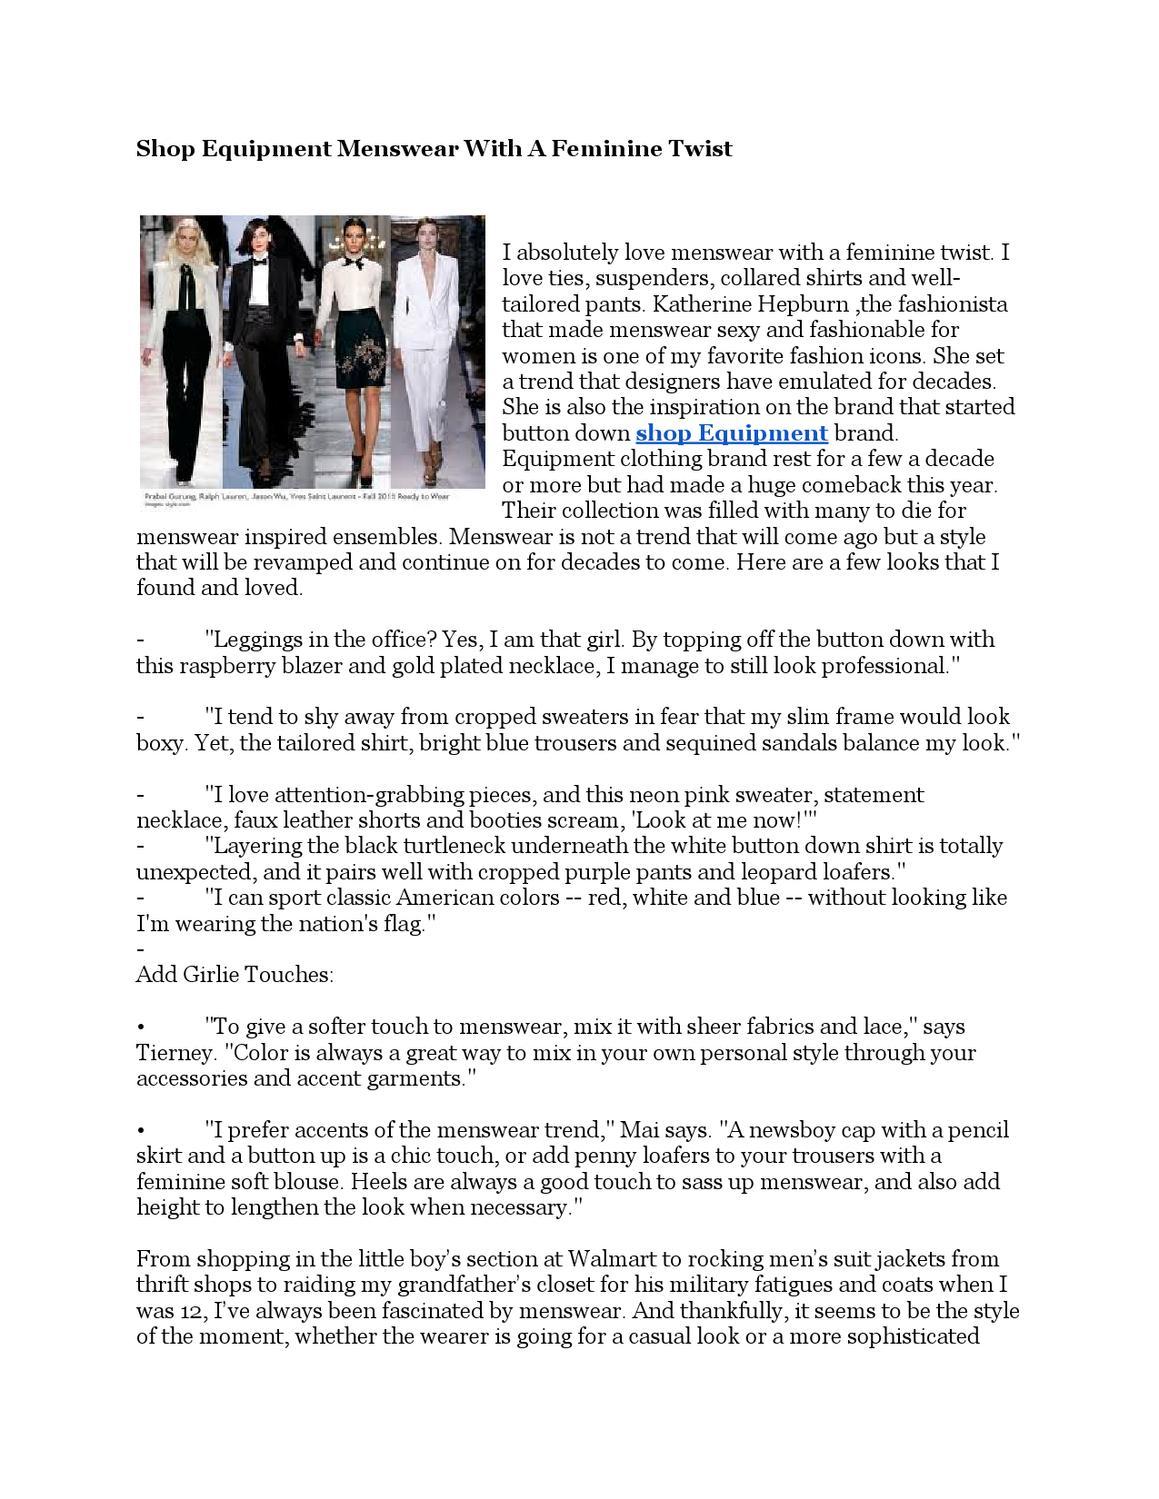 e9dd8119baa53 Shop Equipment Menswear With A Feminine Twist by Jubilee Grace - issuu